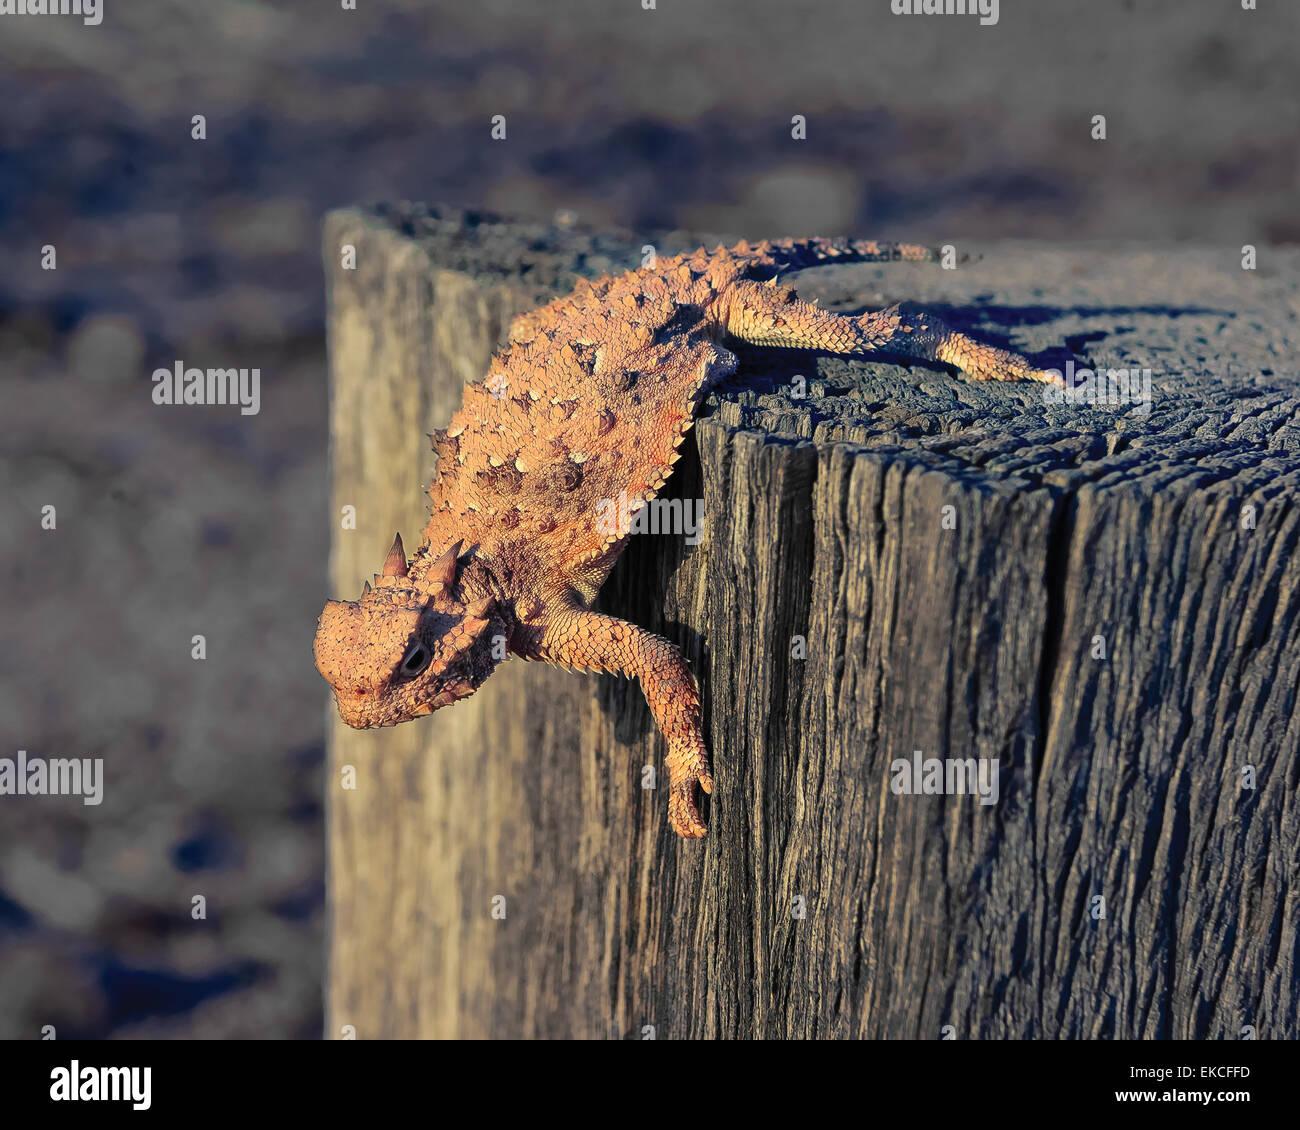 Krötenechsen kriecht auf einem hölzernen Pfosten, Arizona, USA Stockbild